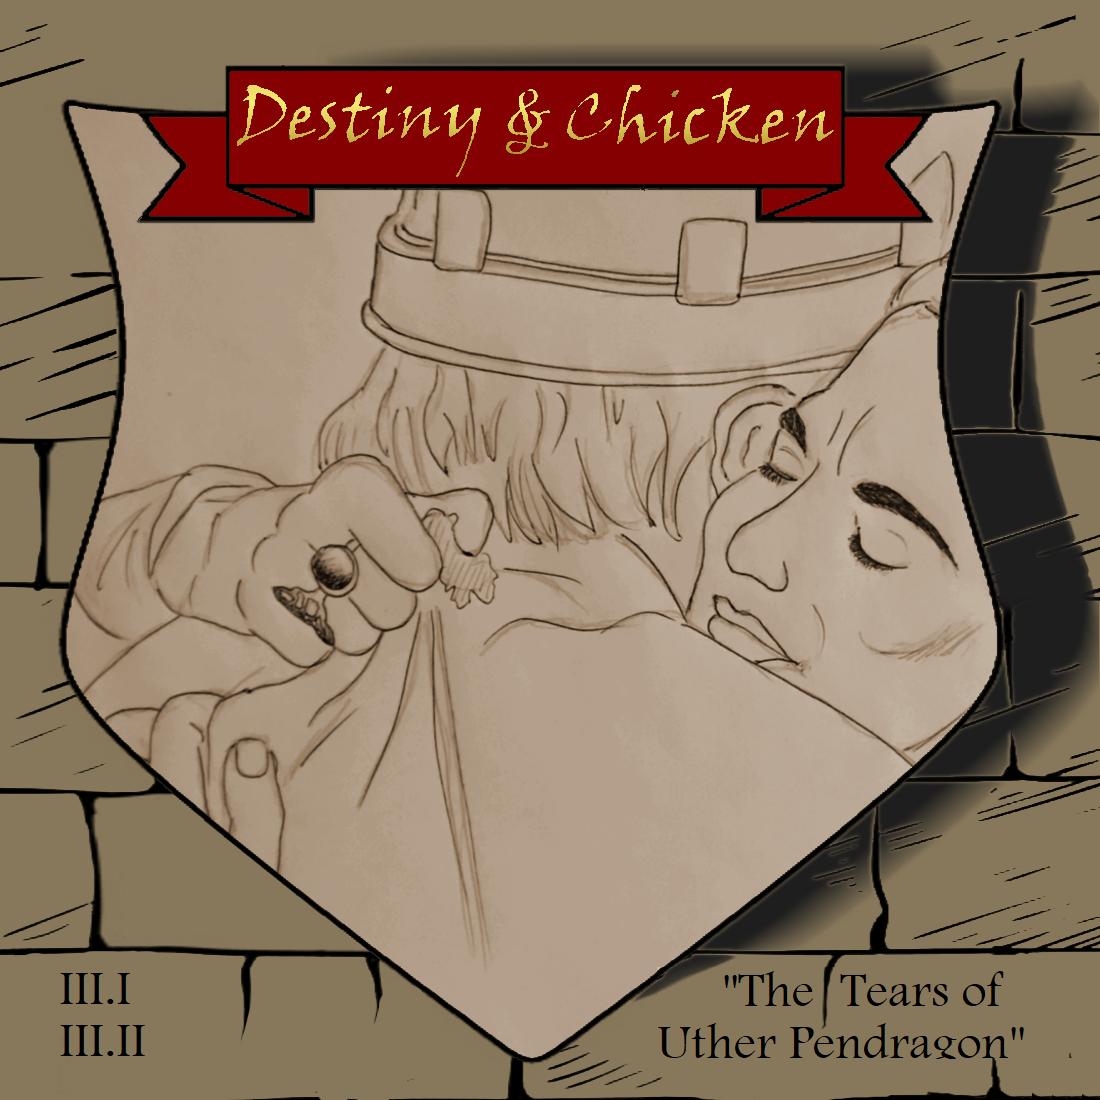 Episode III.I & II - The Tears of Uther Pendragon - Part I & II